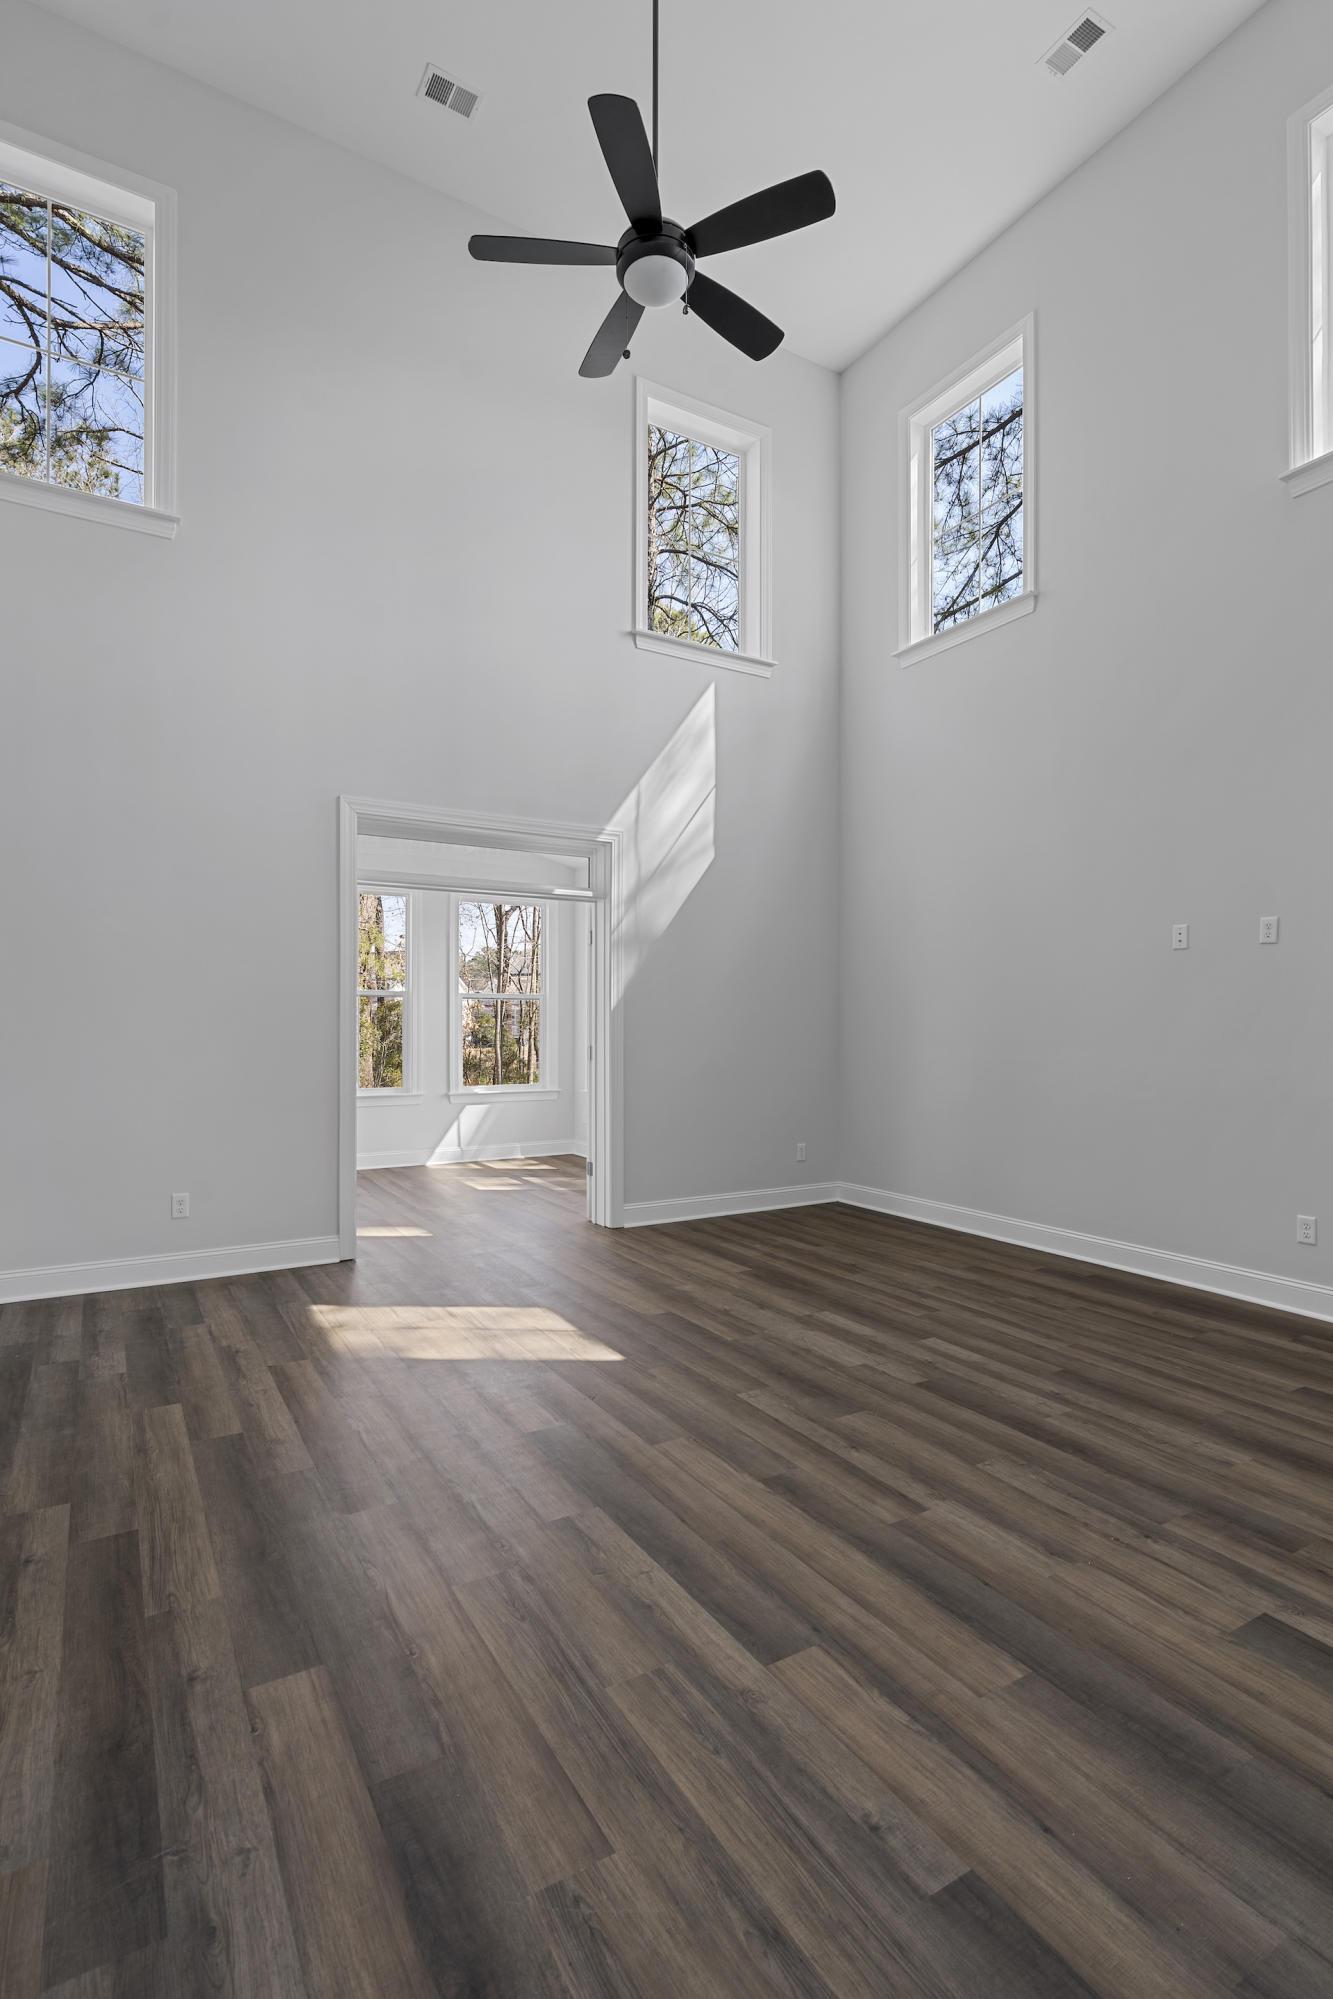 Park West Homes For Sale - 1504 Hopkins, Mount Pleasant, SC - 10